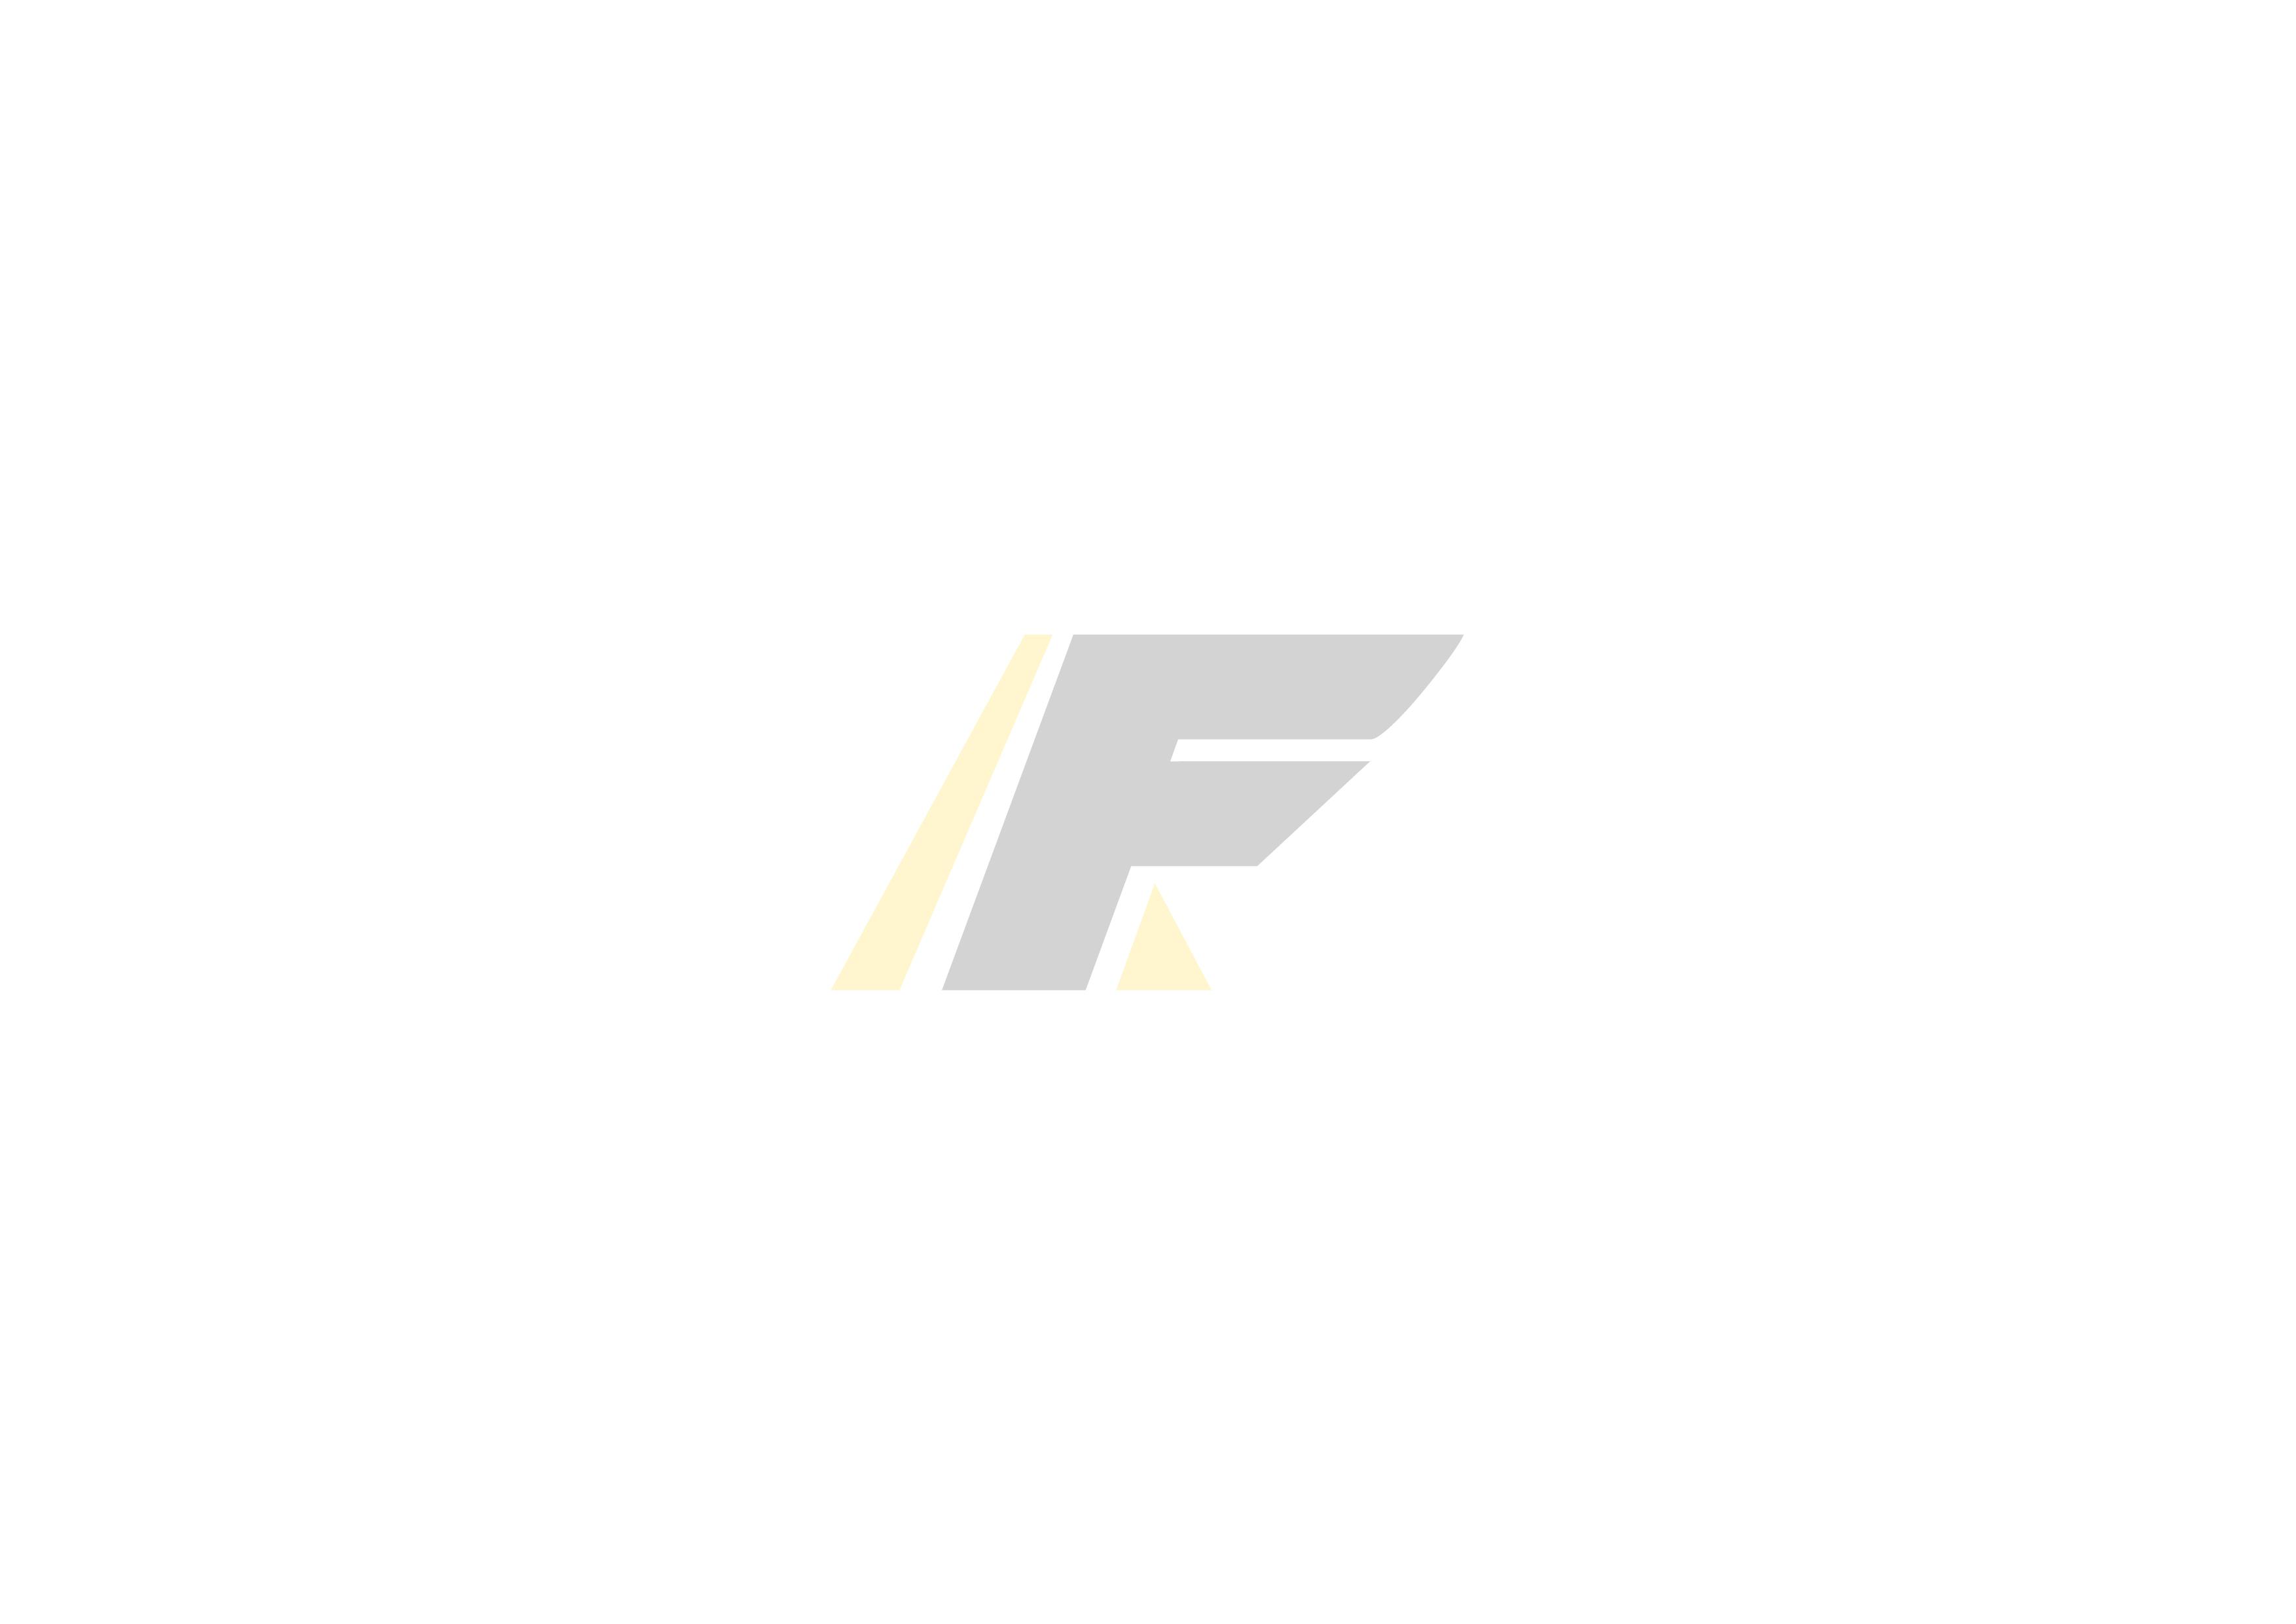 R&G Frame Plug - Triumph Speed Kawasaki ZX10-R,Z1000,Z1000